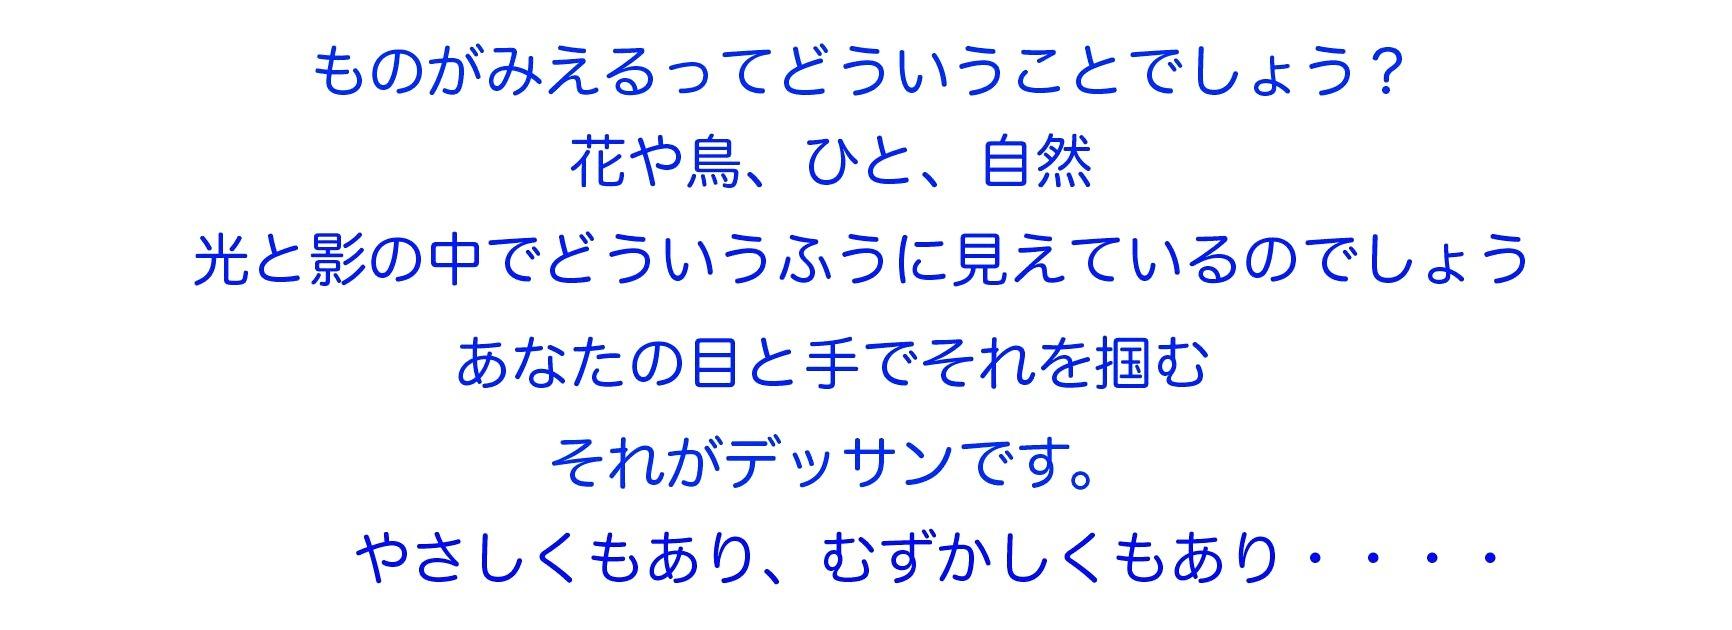 『游デッサン教室』_f0159856_9314656.jpg